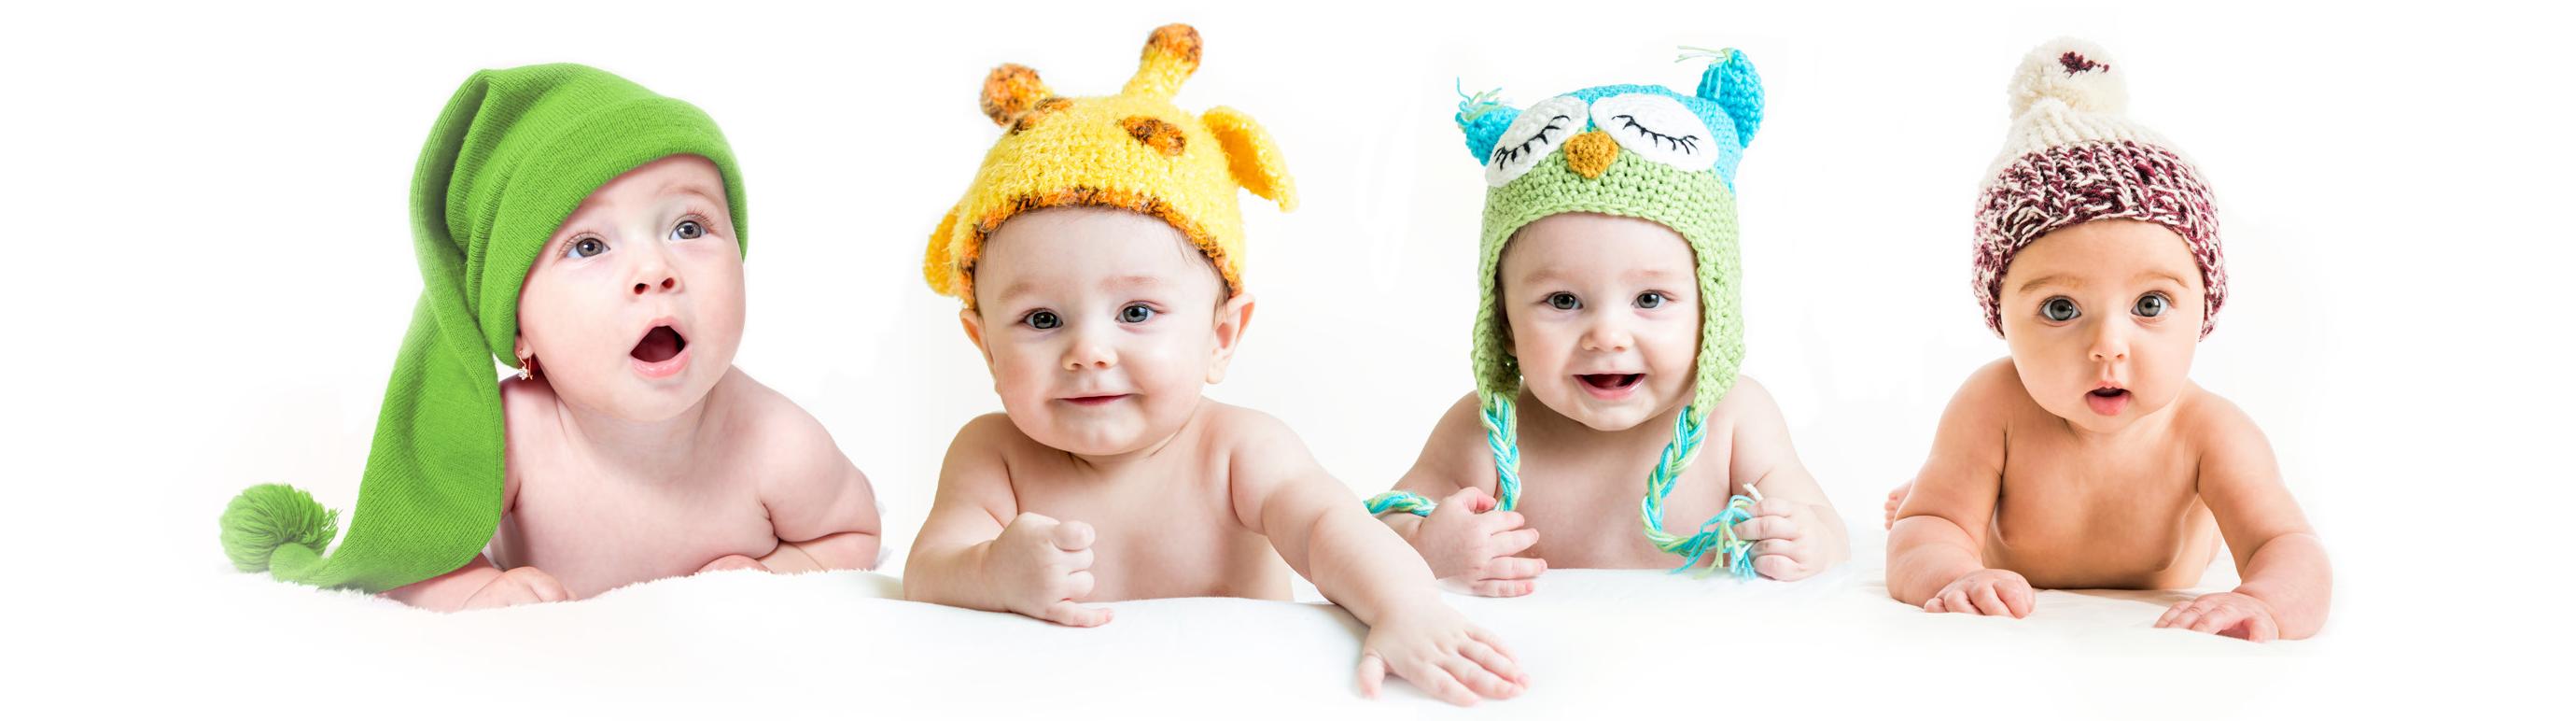 csecsemők medikids